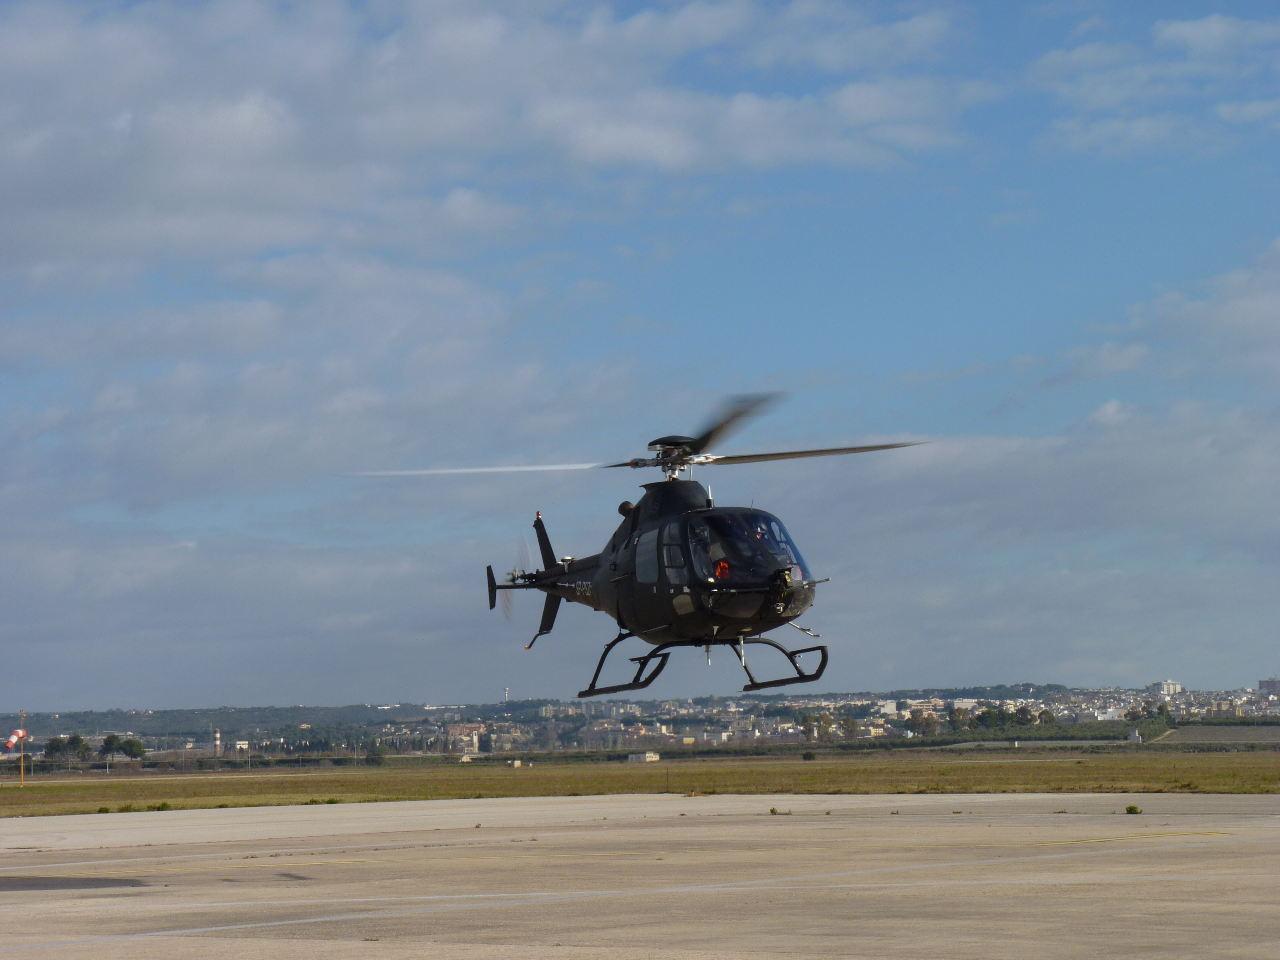 Le SW-4 Solo dronisé débute ses essais à l'aéroport de Grottaglie